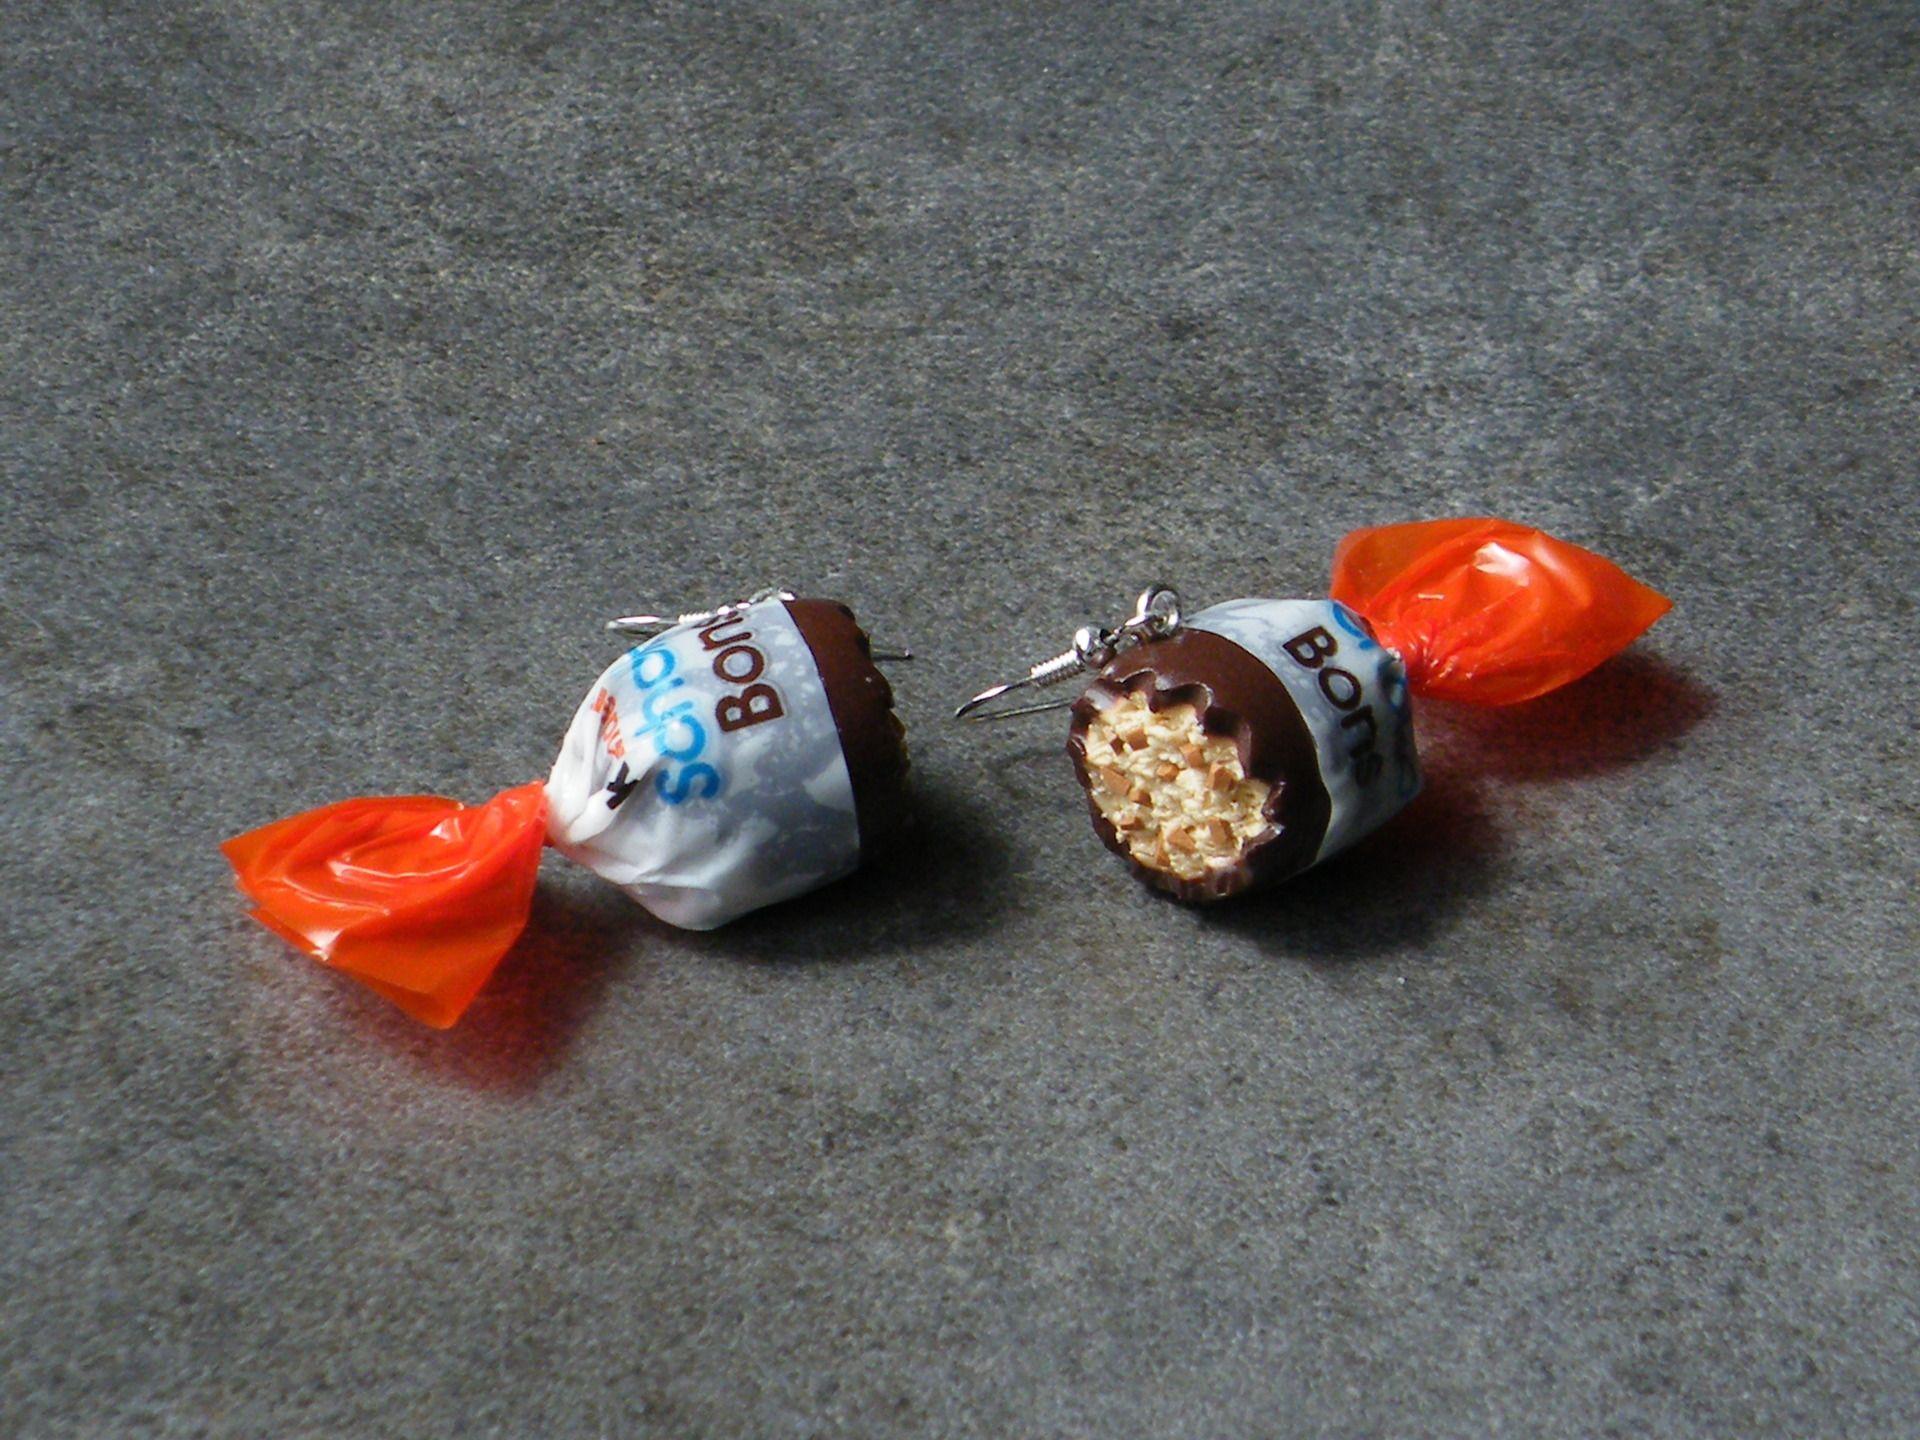 Boucle d 39 oreille bonbon au chocolat en fimo argent 925 boucles d 39 oreille par jl bijoux - Idee creation pate fimo ...